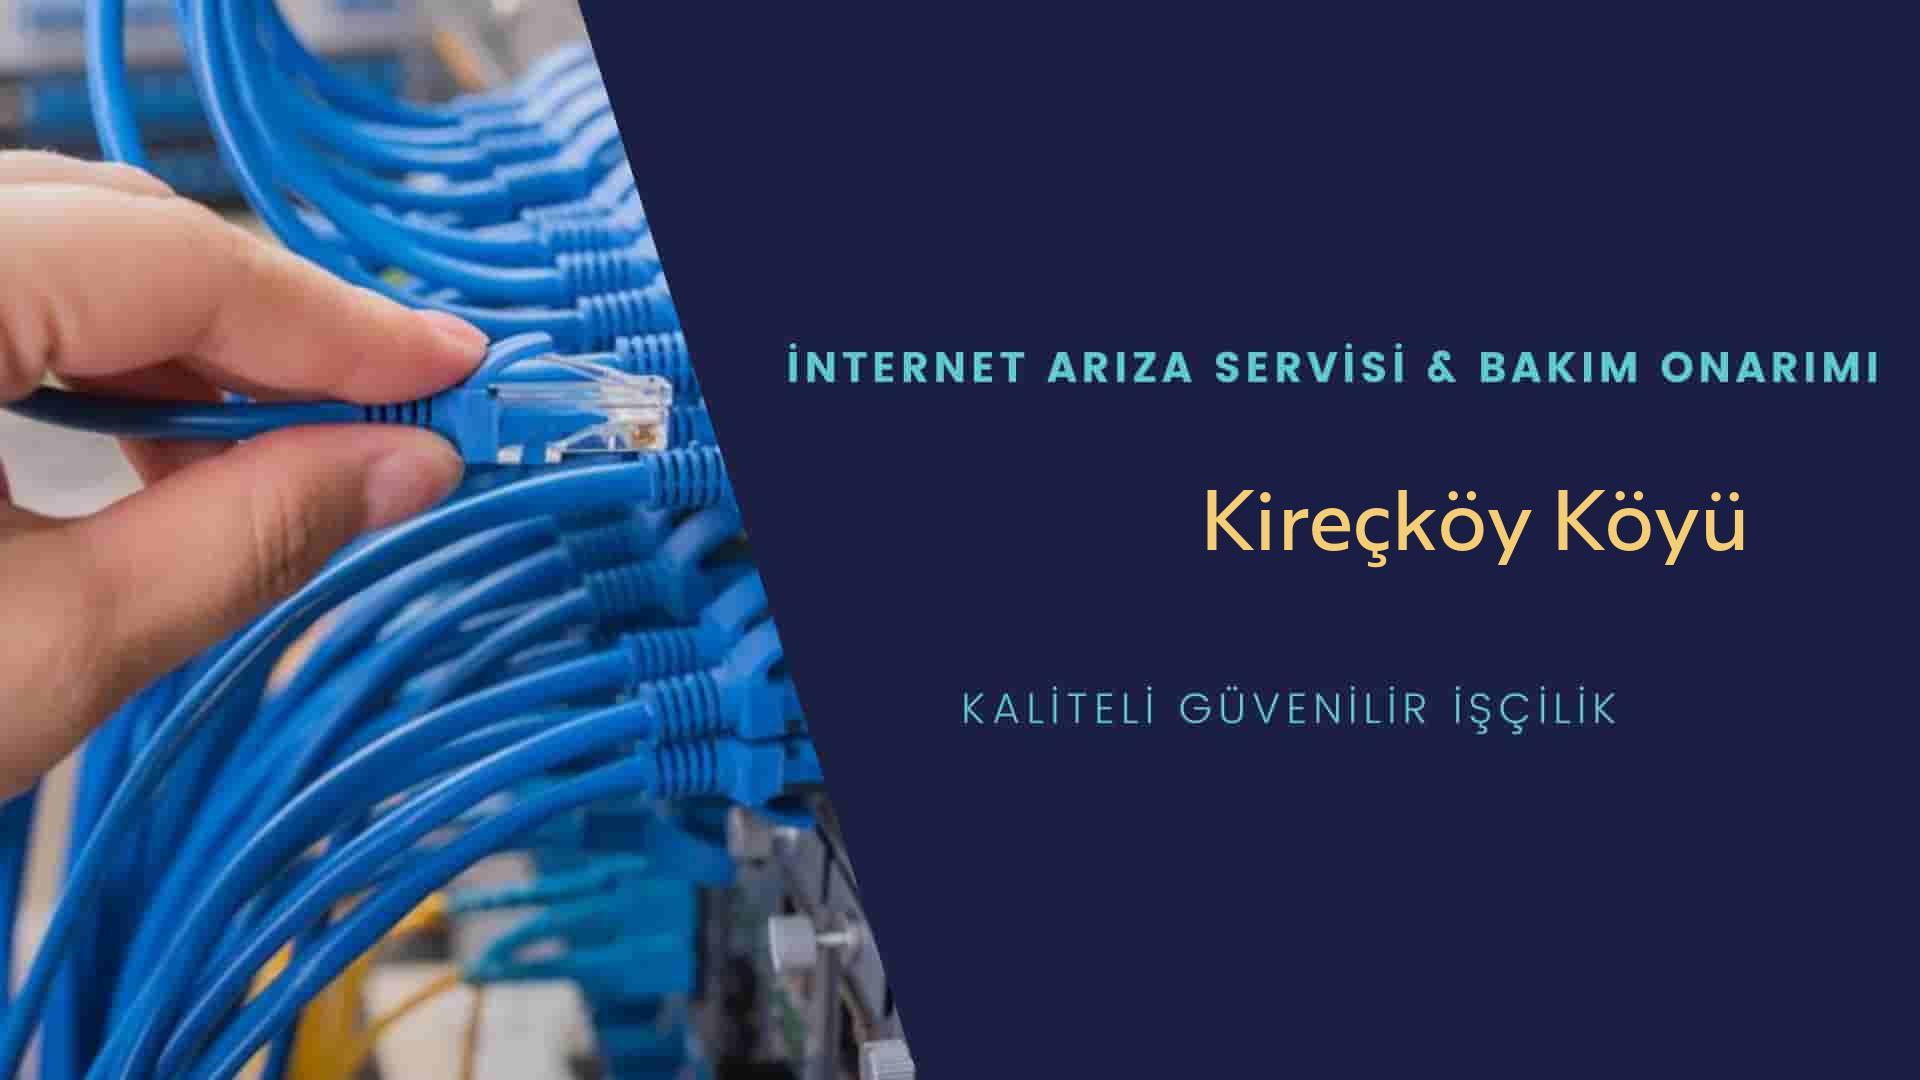 Kireçköy Köyü internet kablosu çekimi yapan yerler veya elektrikçiler mi? arıyorsunuz doğru yerdesiniz o zaman sizlere 7/24 yardımcı olacak profesyonel ustalarımız bir telefon kadar yakındır size.